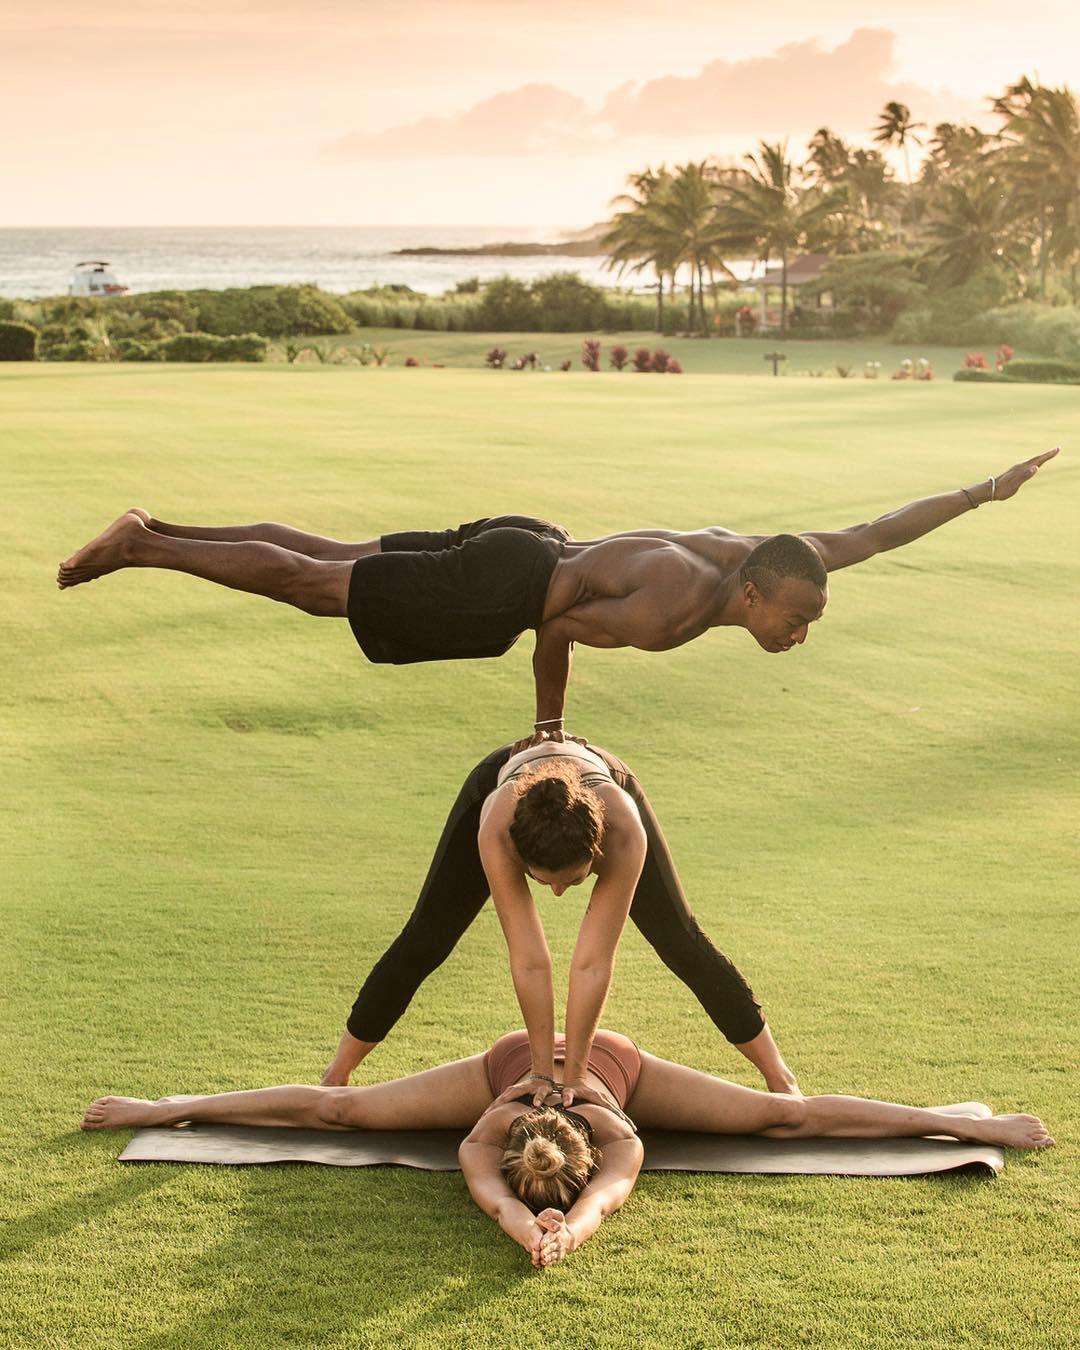 позы йоги картинки прикольные никто говорил